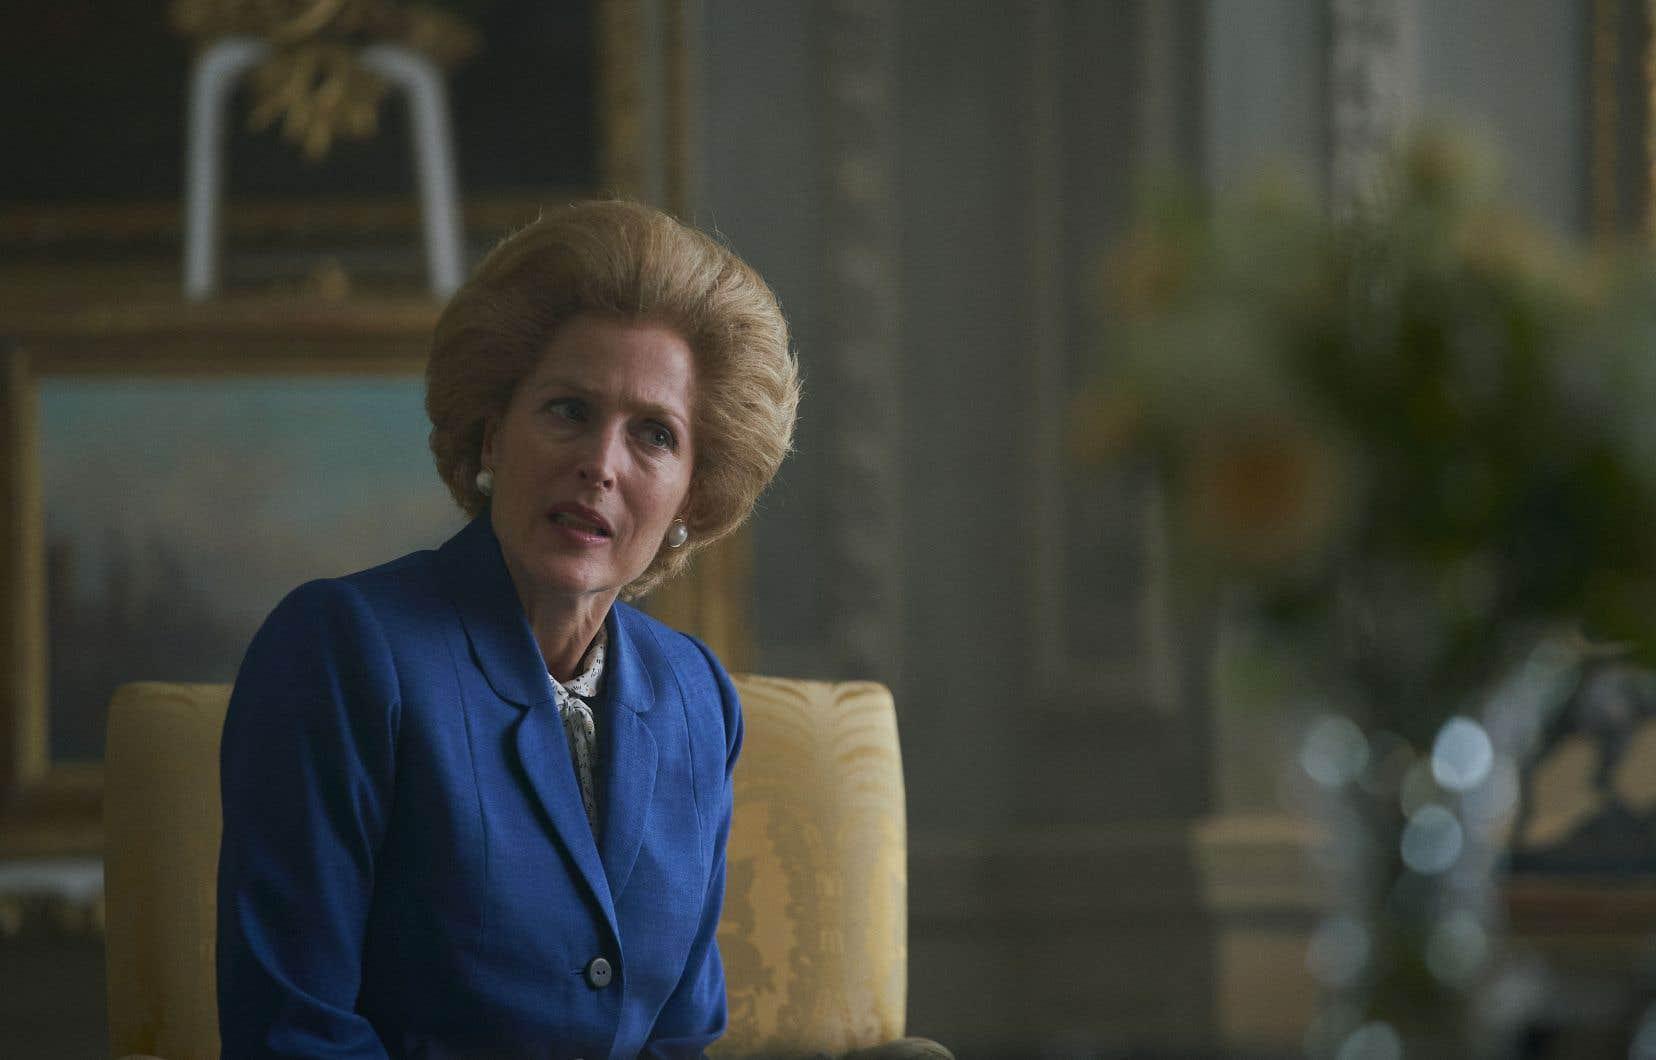 Gillian Anderson campe une dame de fer plus vraie que nature. Le corps aussi rigide que la coiffure, la voix douce mais autoritaire, la diction affectée, l'actrice américaine n'a rien à envier à Meryl Streep dans «La dame de fer» de Phyllida Lloyd.